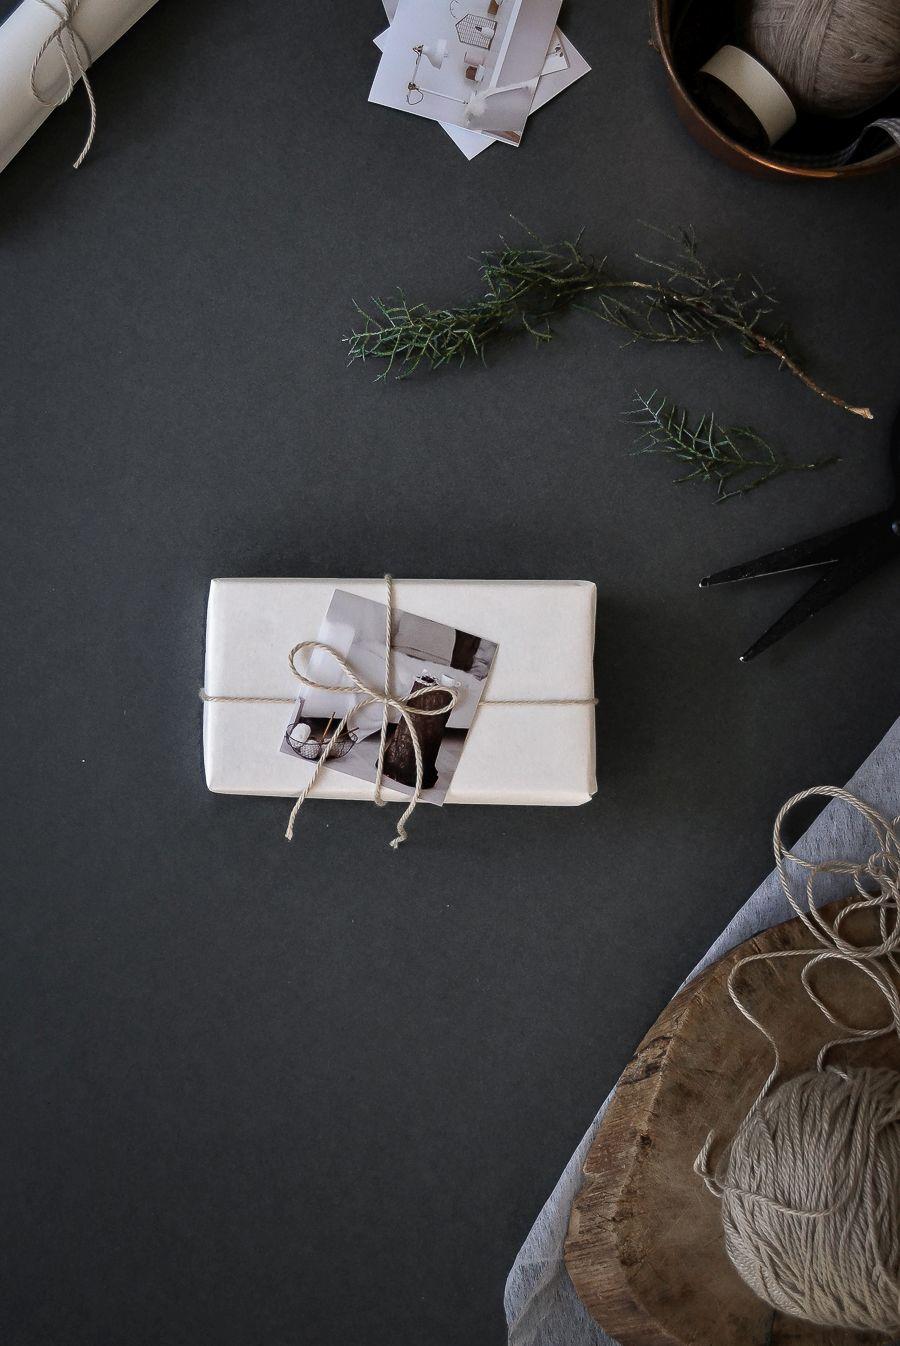 Add a decoration - photo or twig